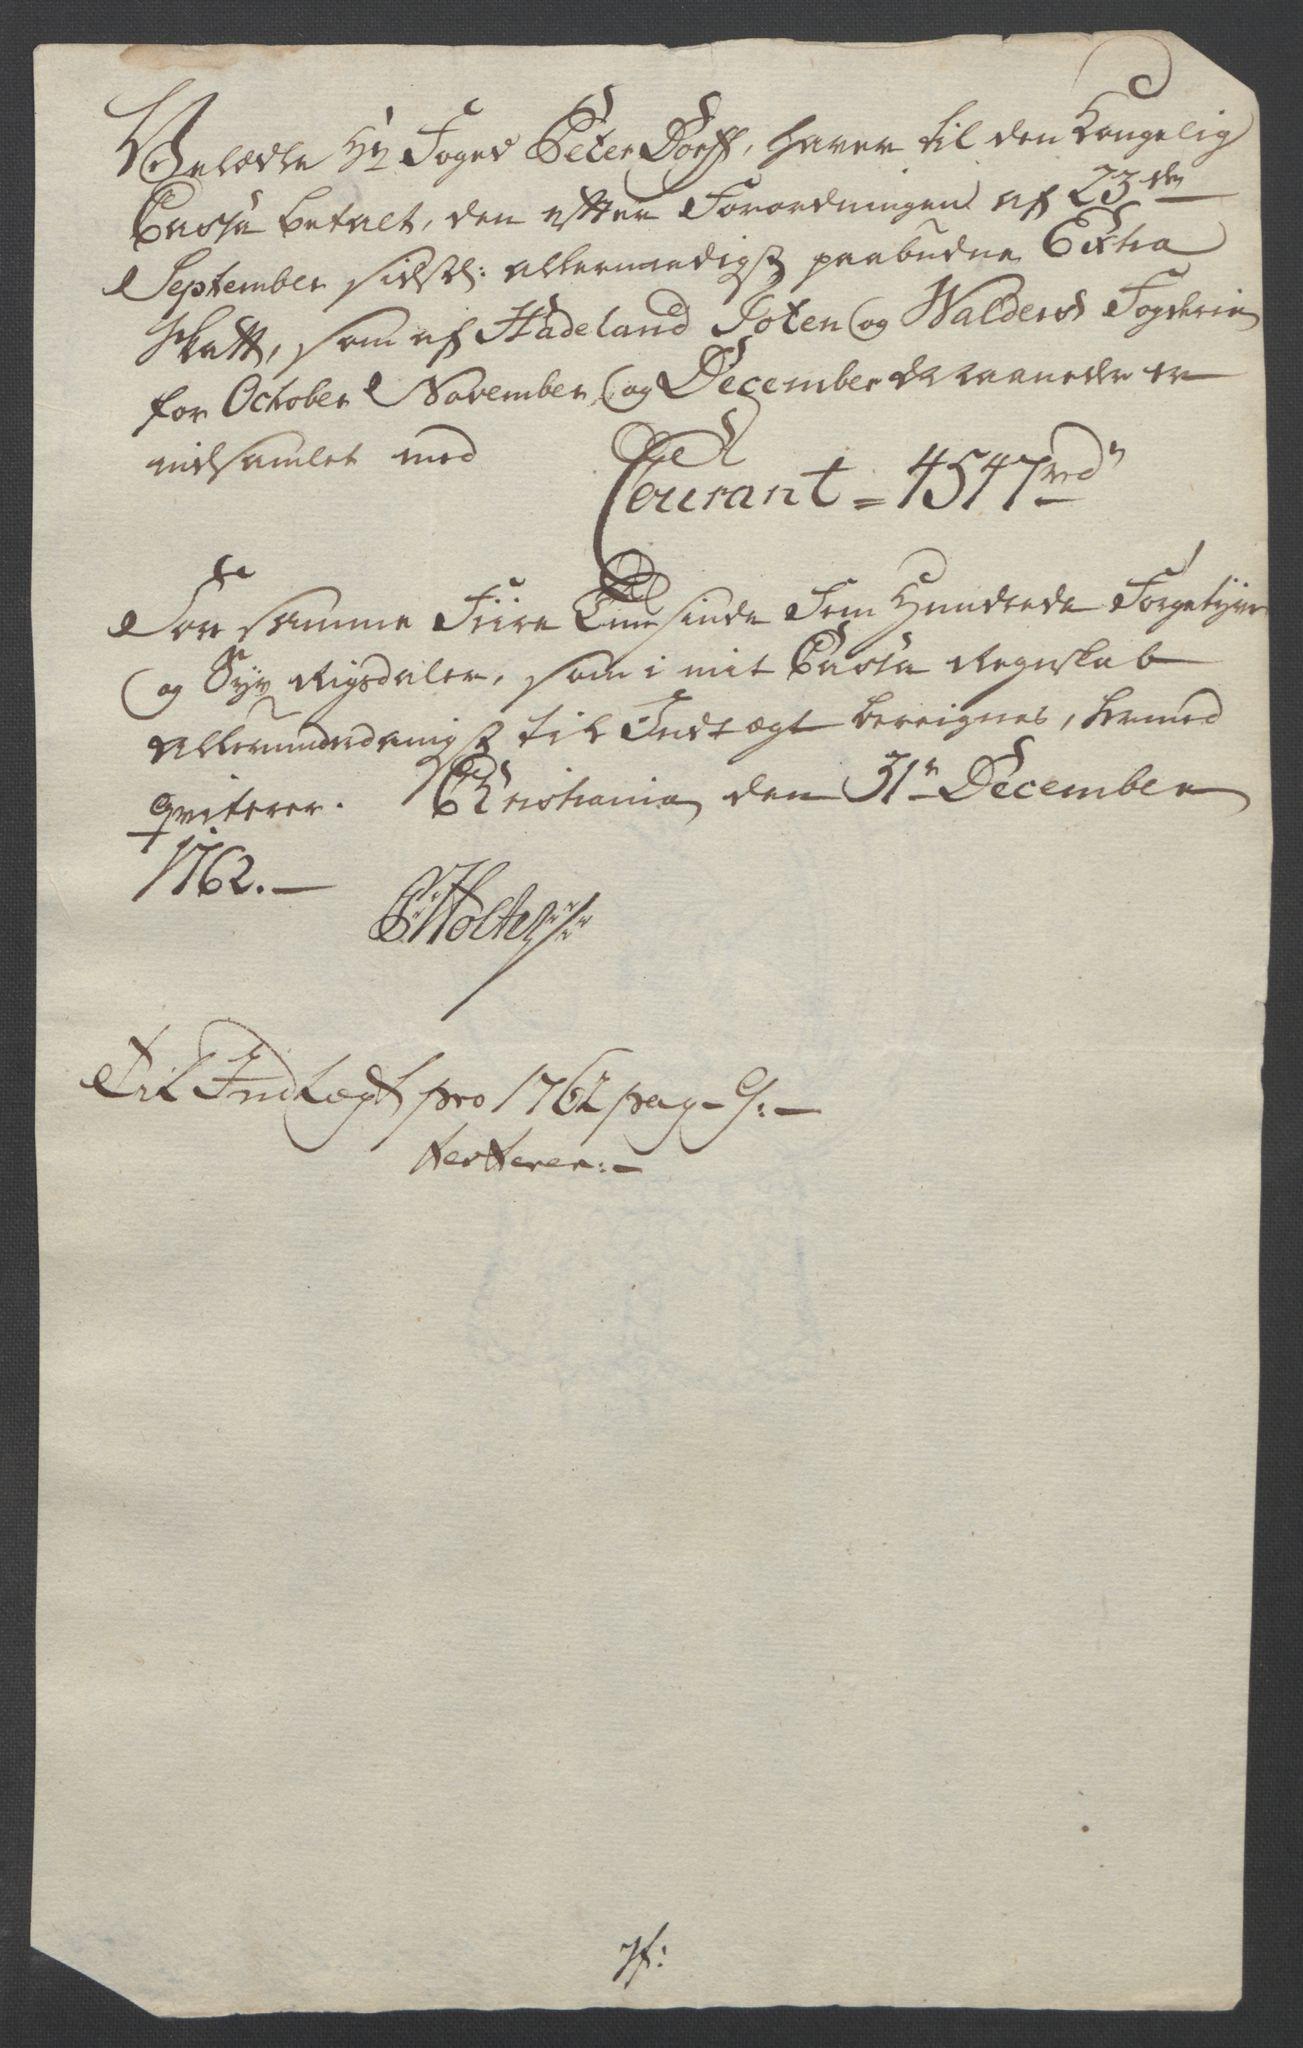 RA, Rentekammeret inntil 1814, Reviderte regnskaper, Fogderegnskap, R19/L1399: Fogderegnskap Toten, Hadeland og Vardal, 1762-1783, s. 15